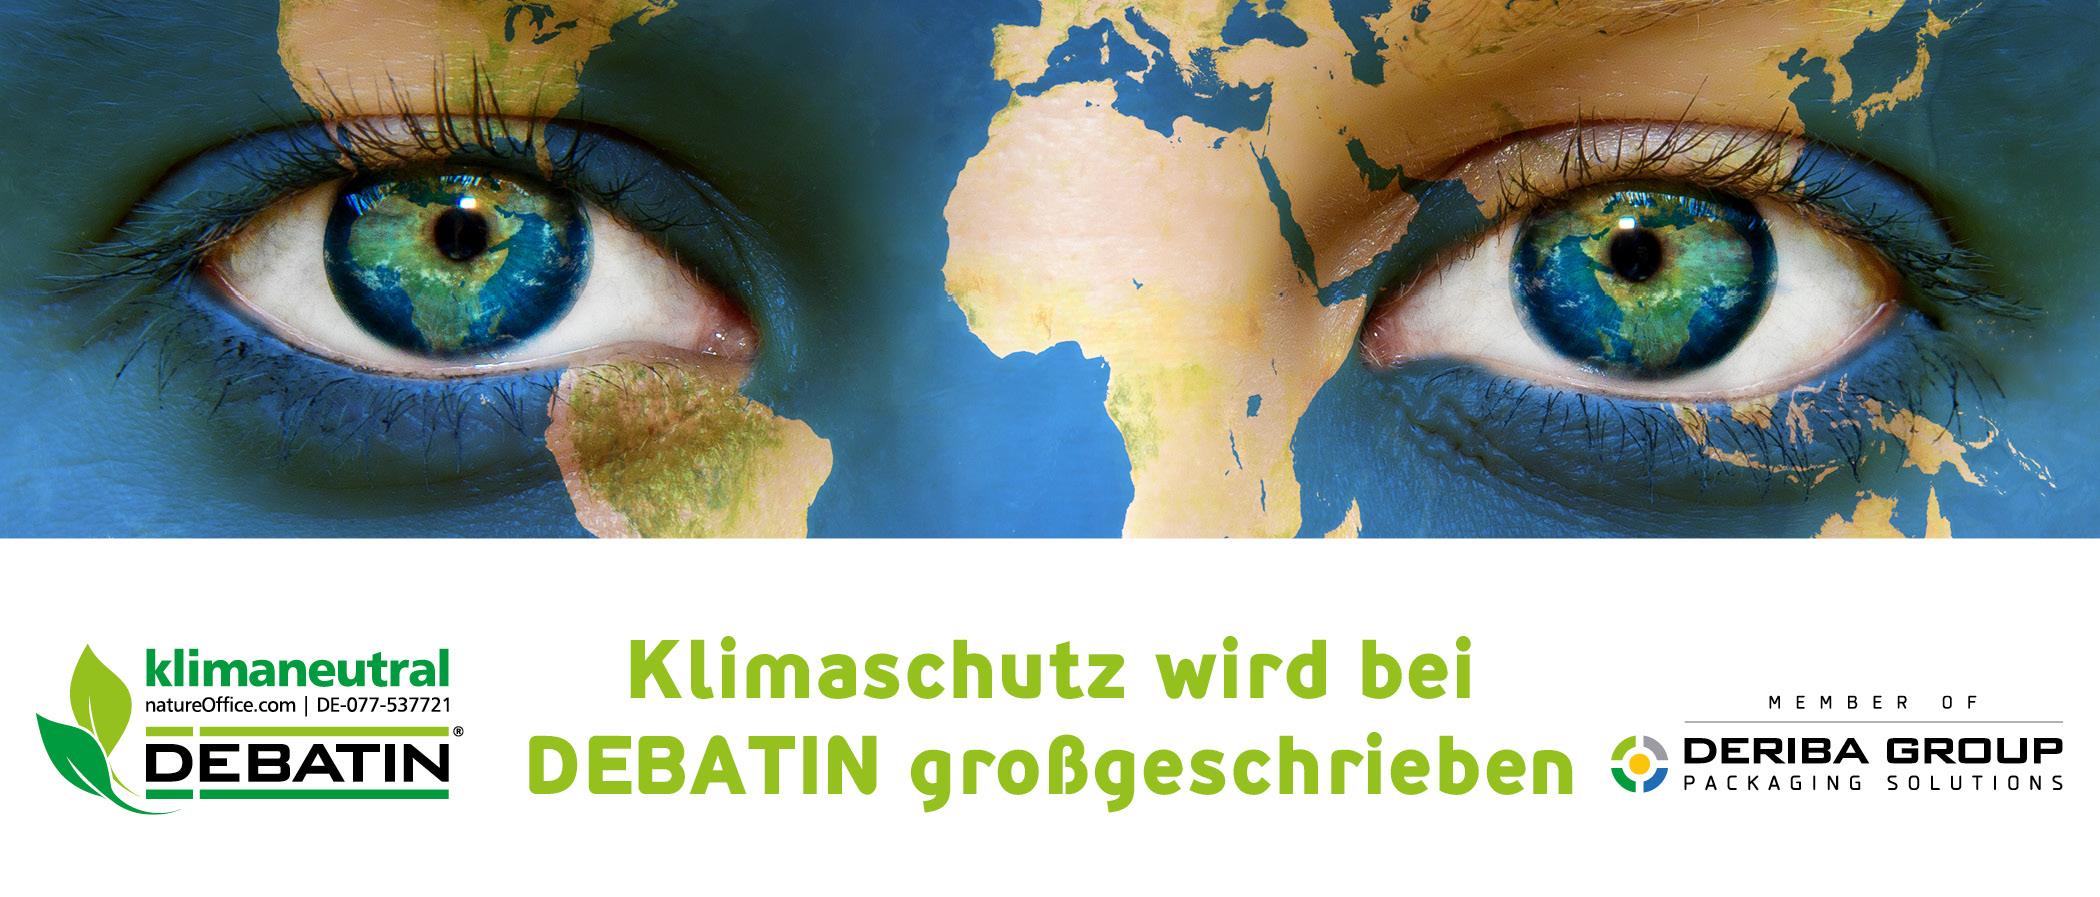 Titelbild Klimaschutz wir groß geschrieben